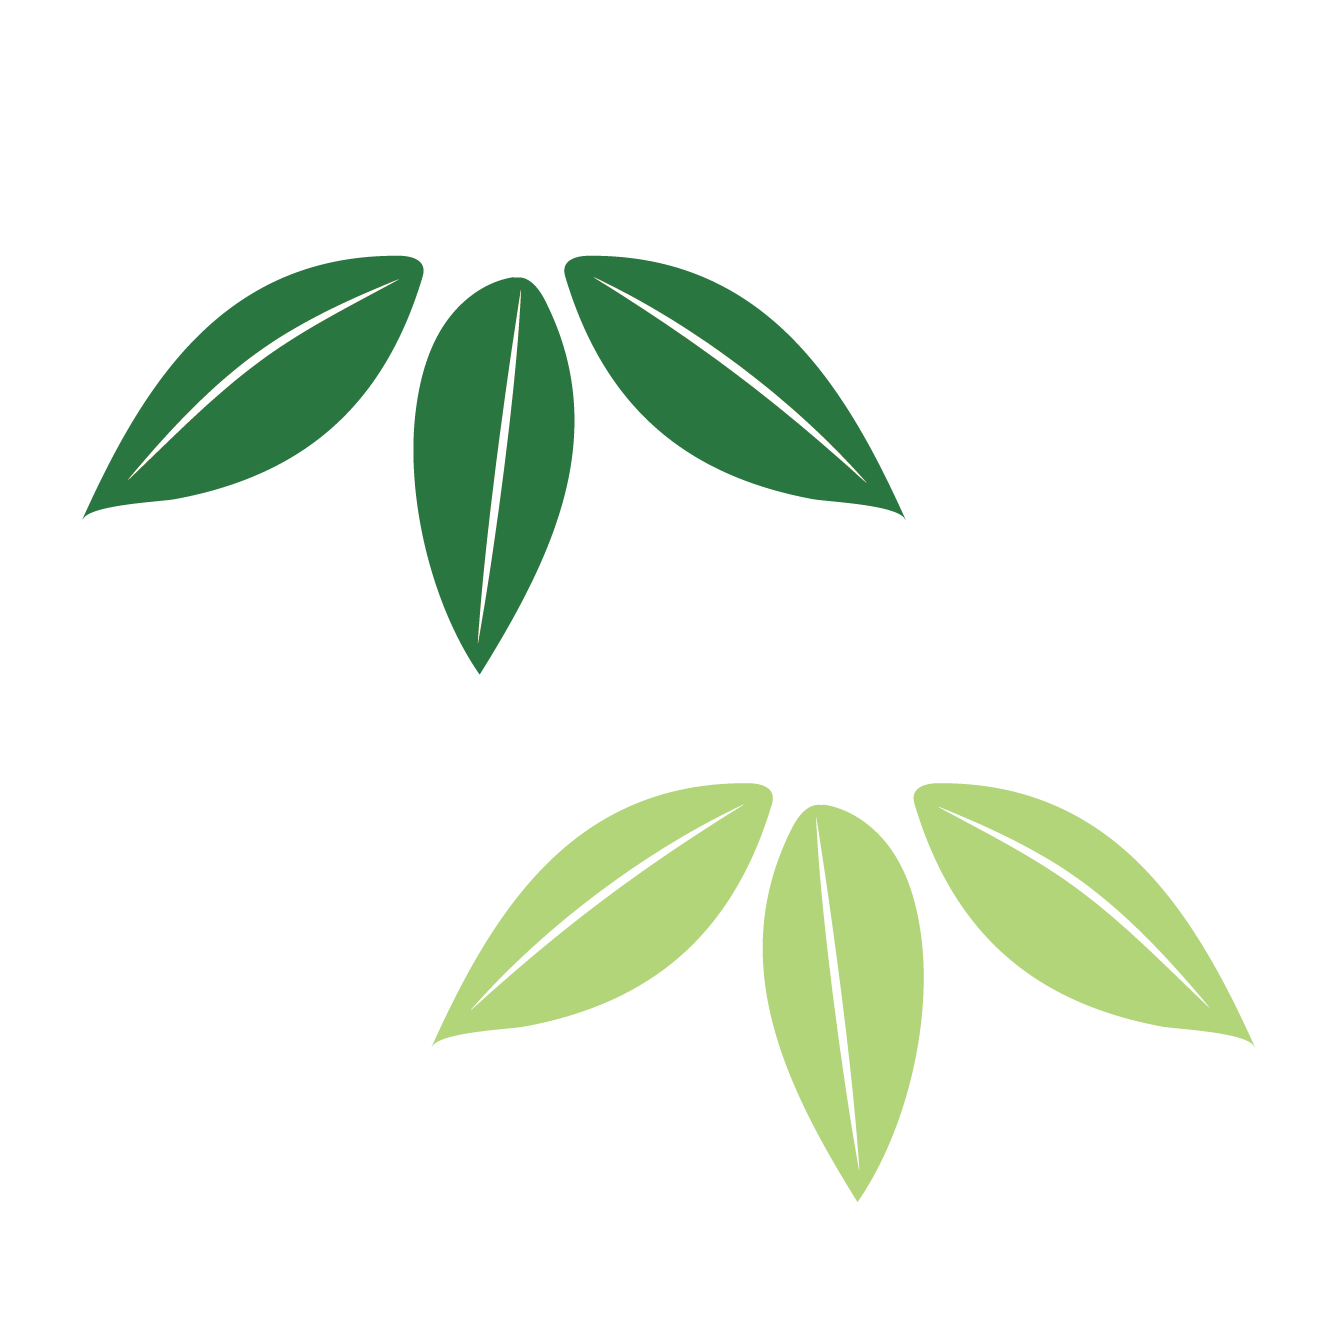 松竹梅、竹(たけ)のイラスト【正月!年賀状用のワンポイント】